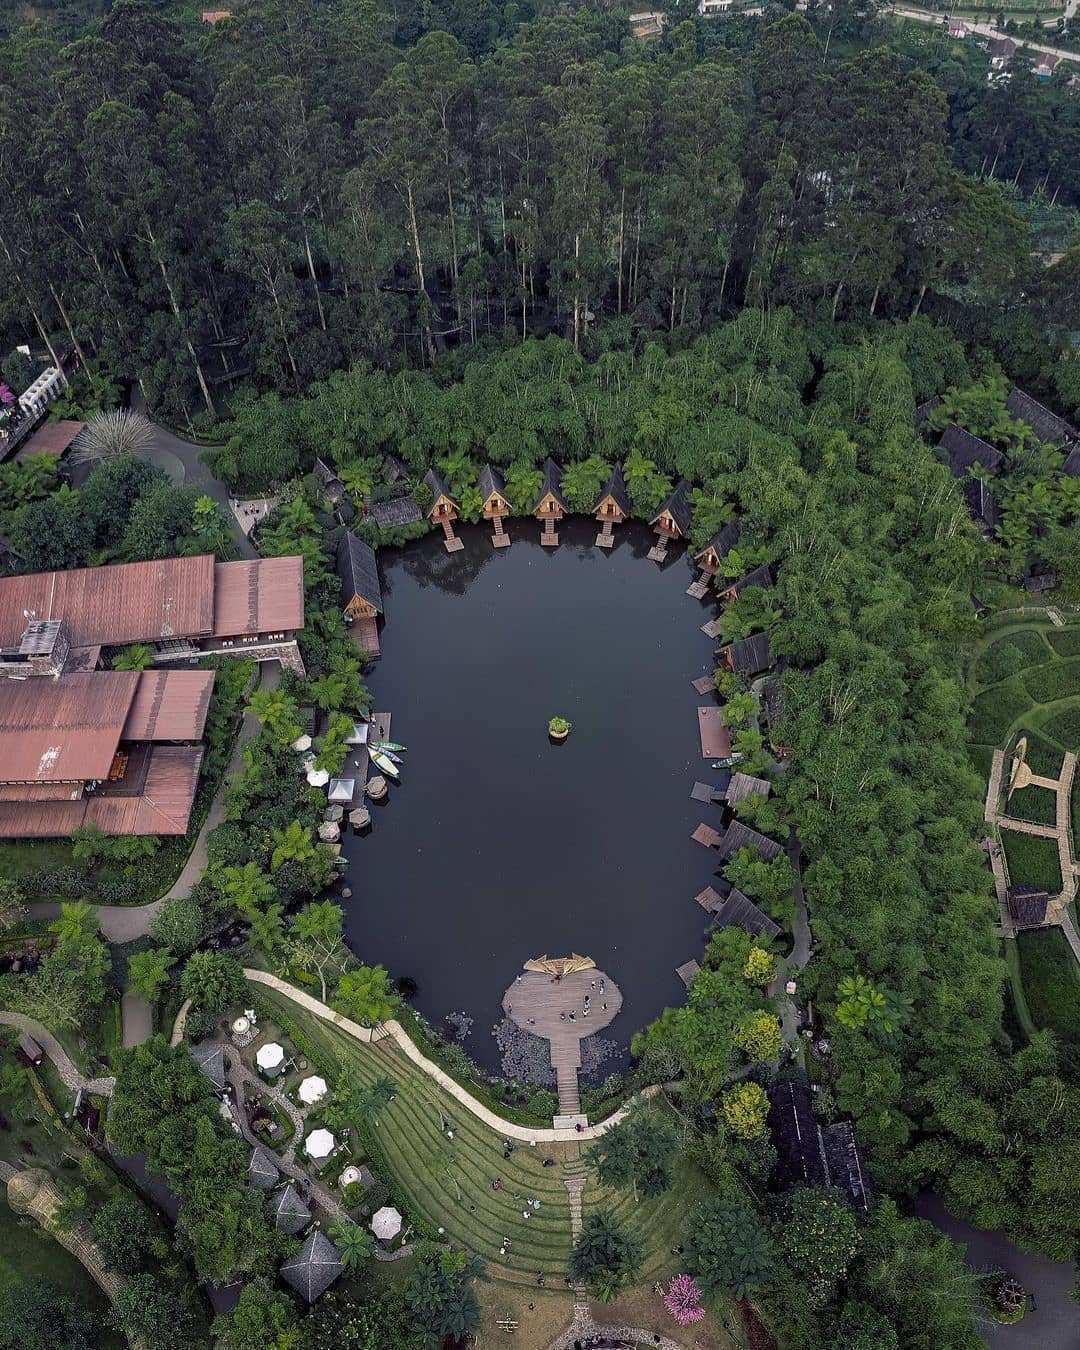 Dusun Bambu Lembang di Lihat Dari Atas Image From @gustiana.x